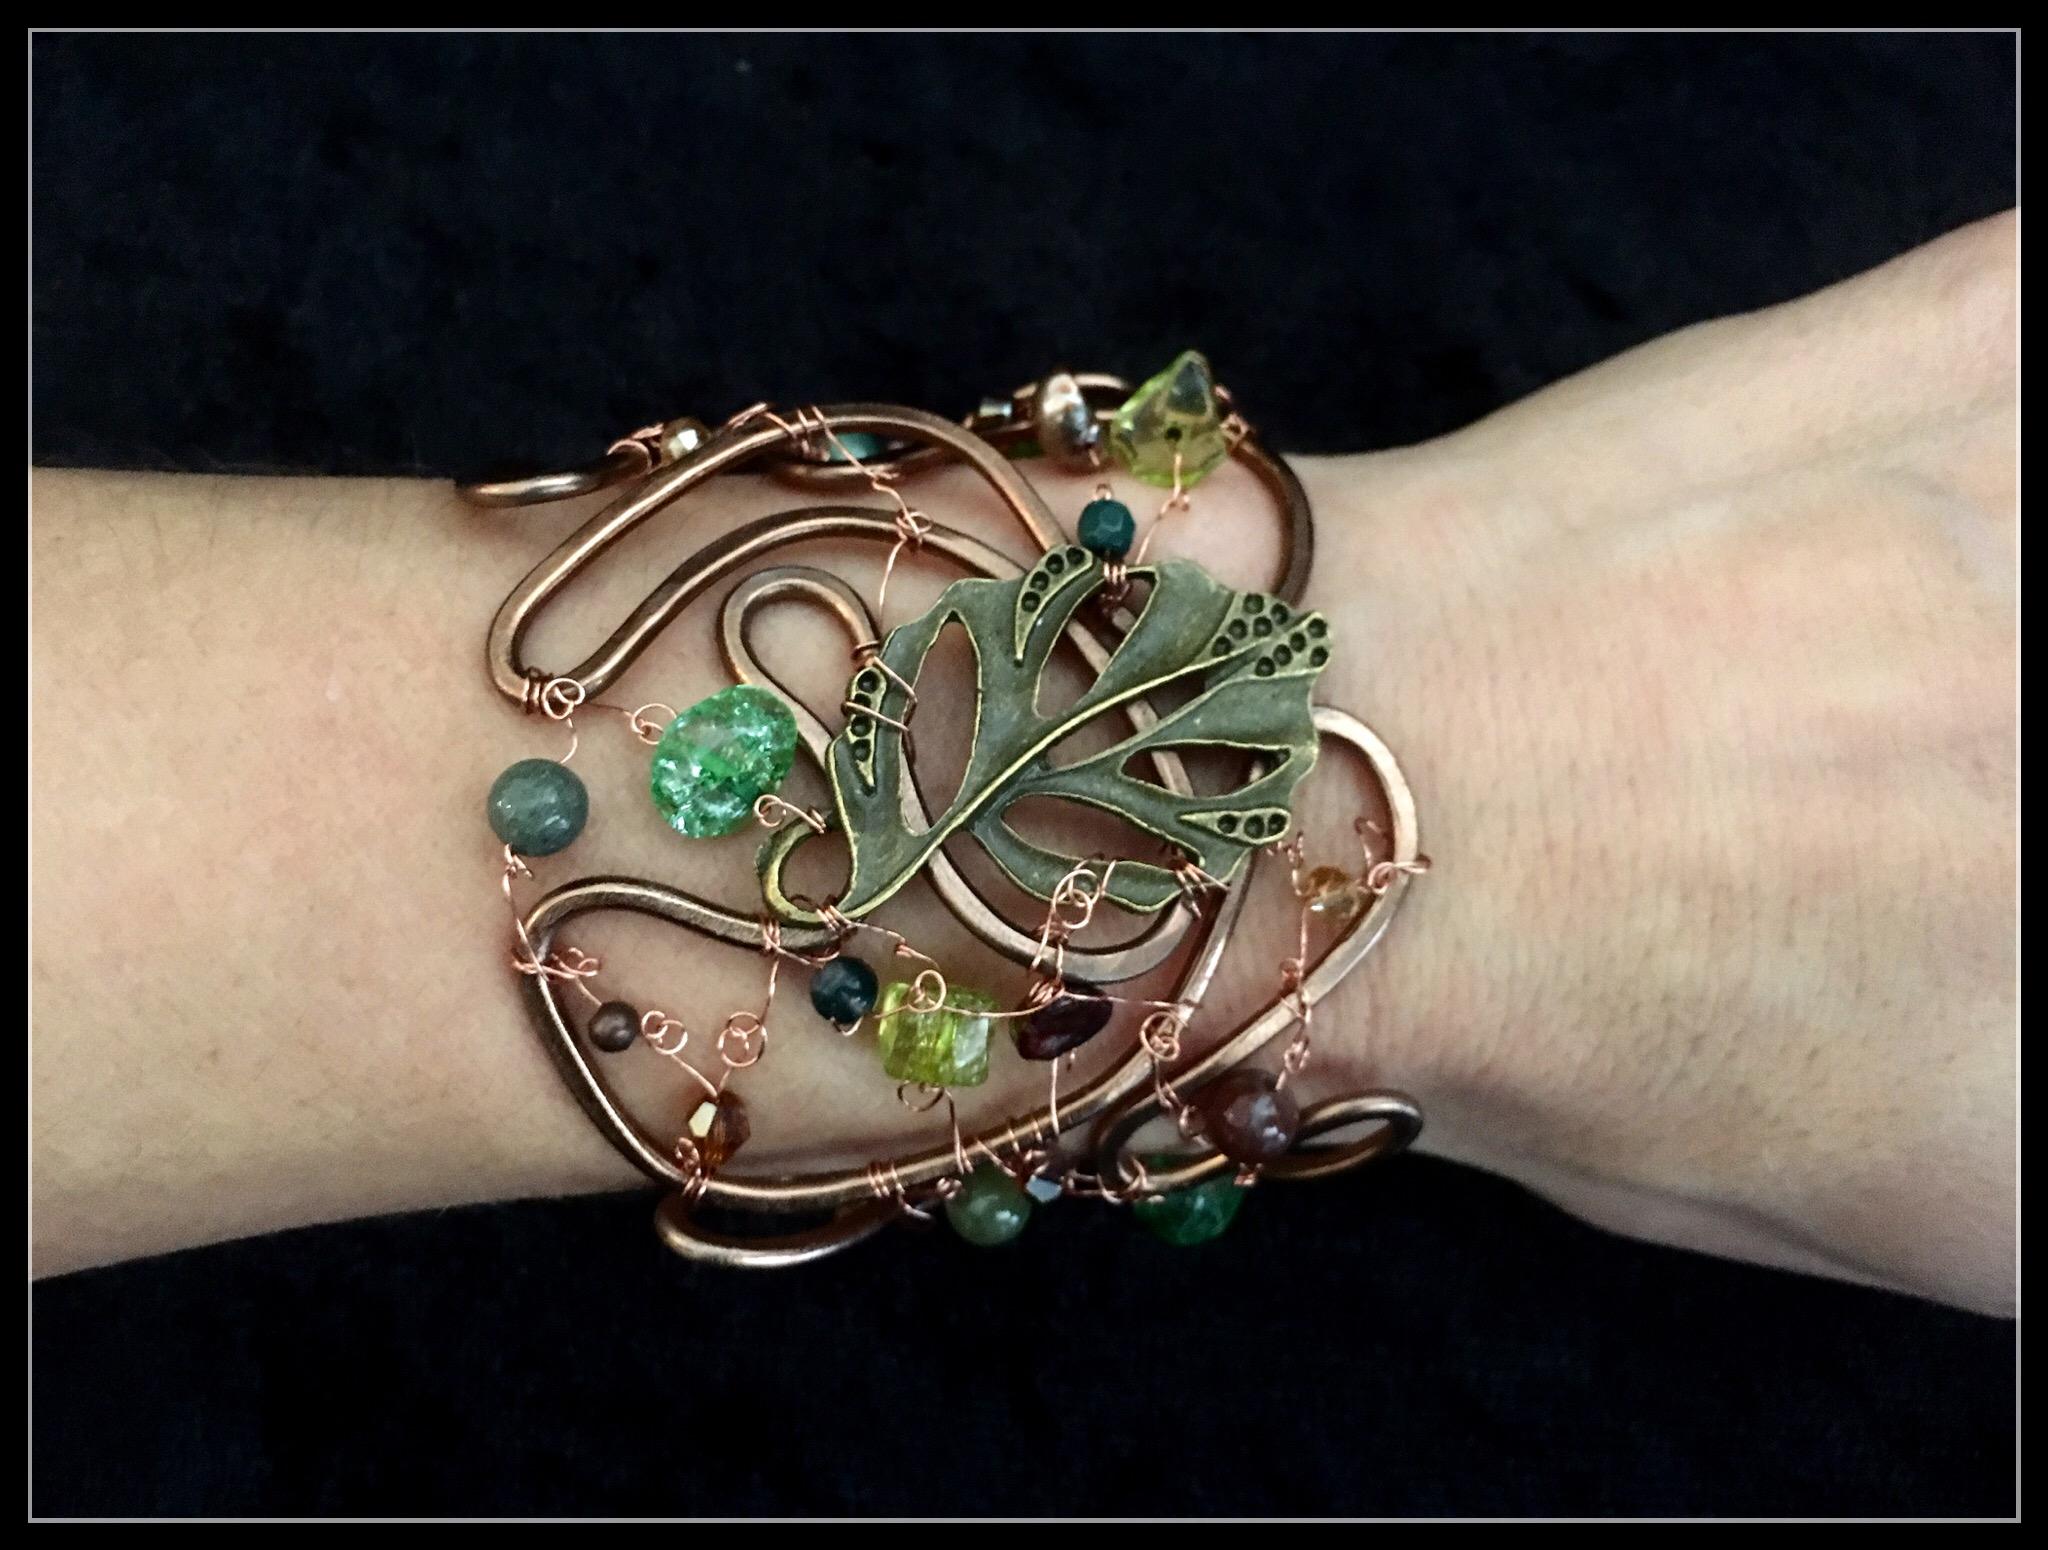 2016 FFS Big Leaf Bracelet on hand